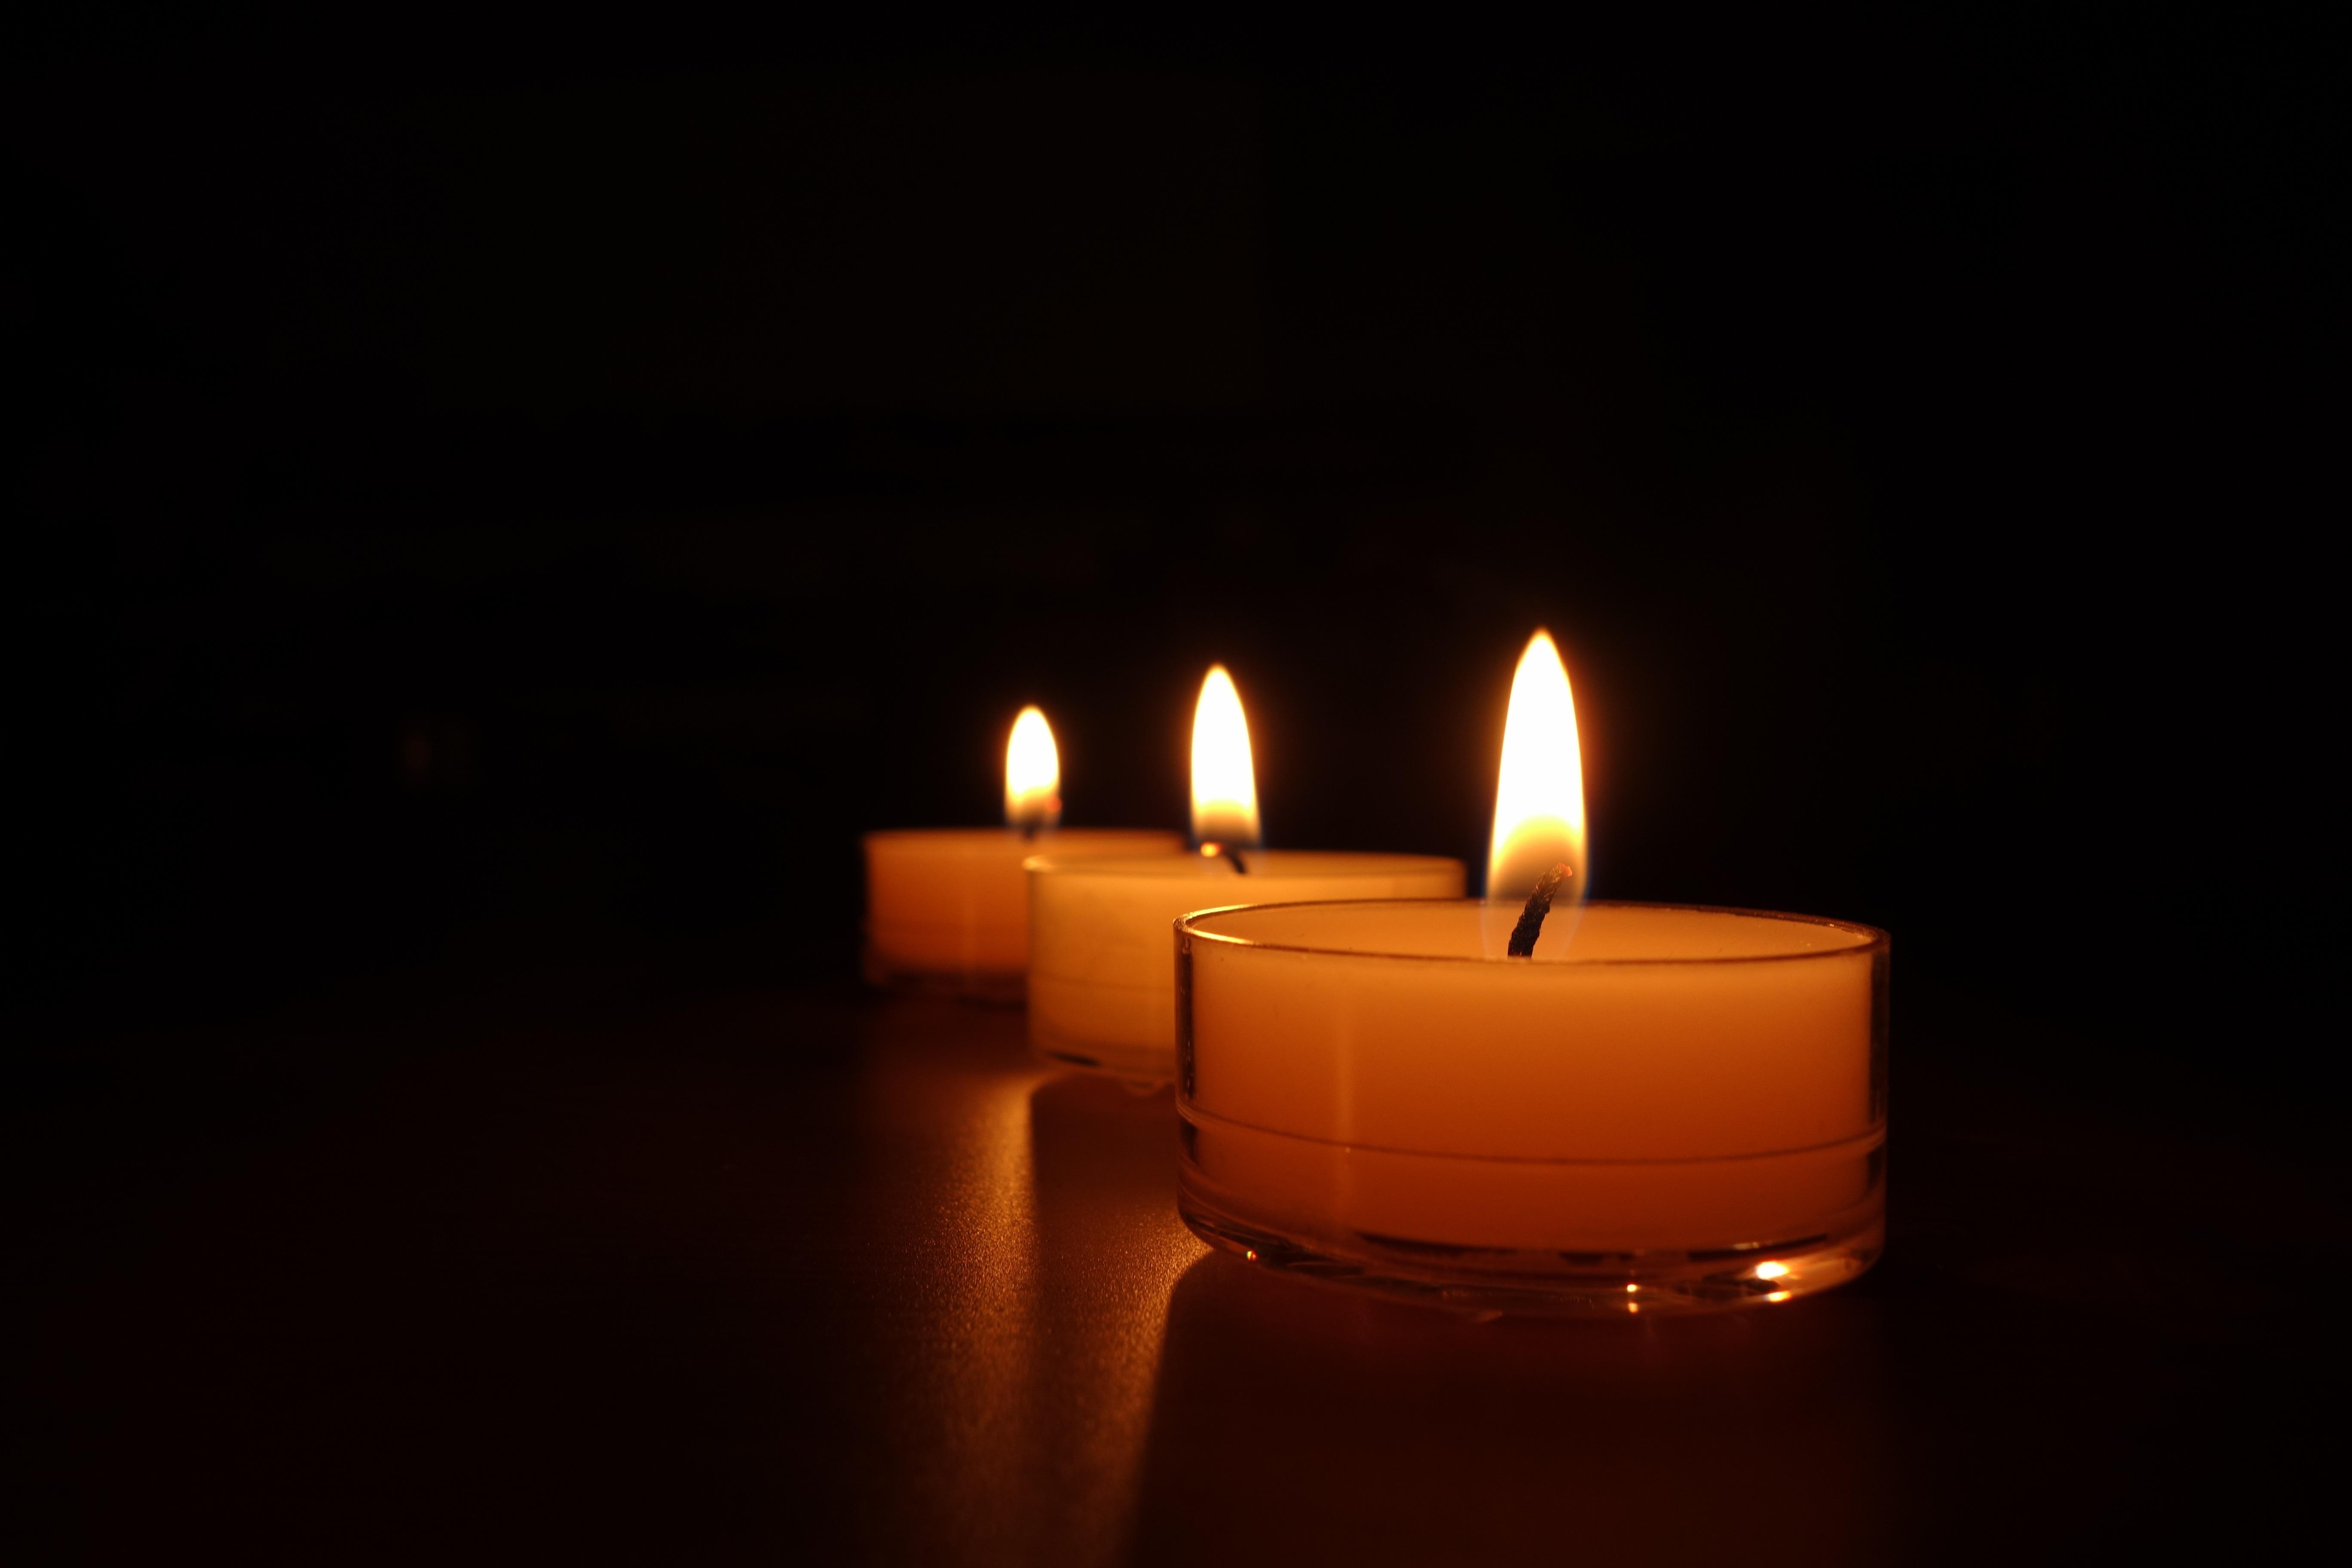 Секс при свечах в hd 6 фотография